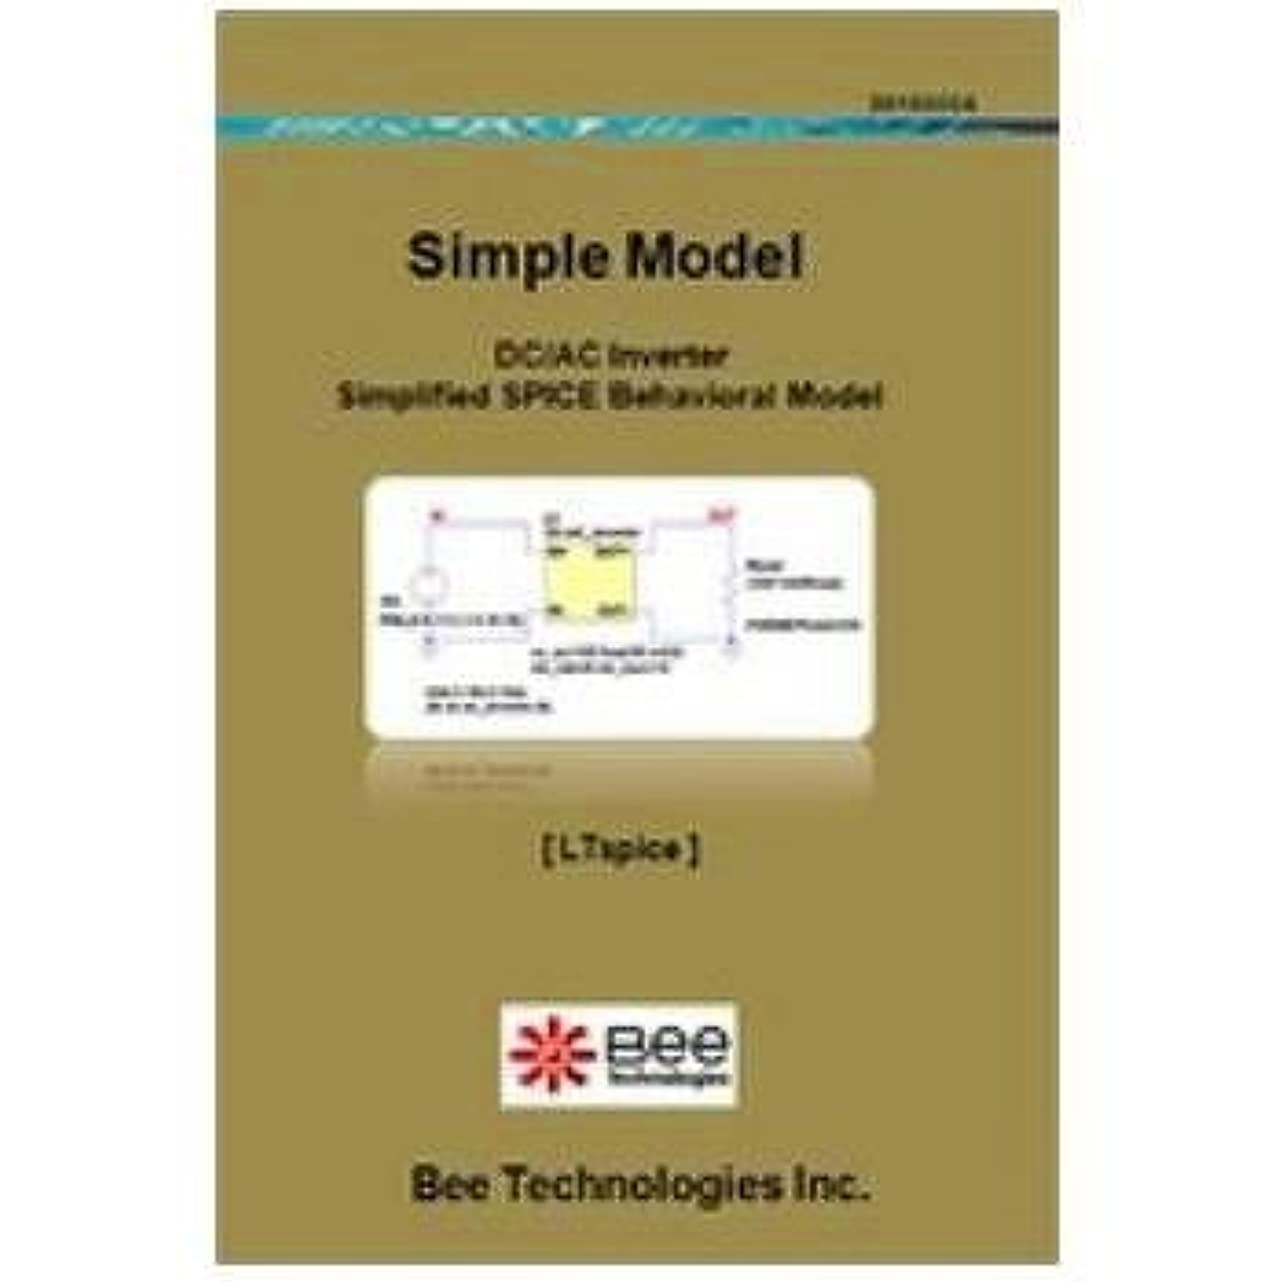 以降ホーン反論Bee Technologies DCACインバータモデル LTspice版 【SM-011】